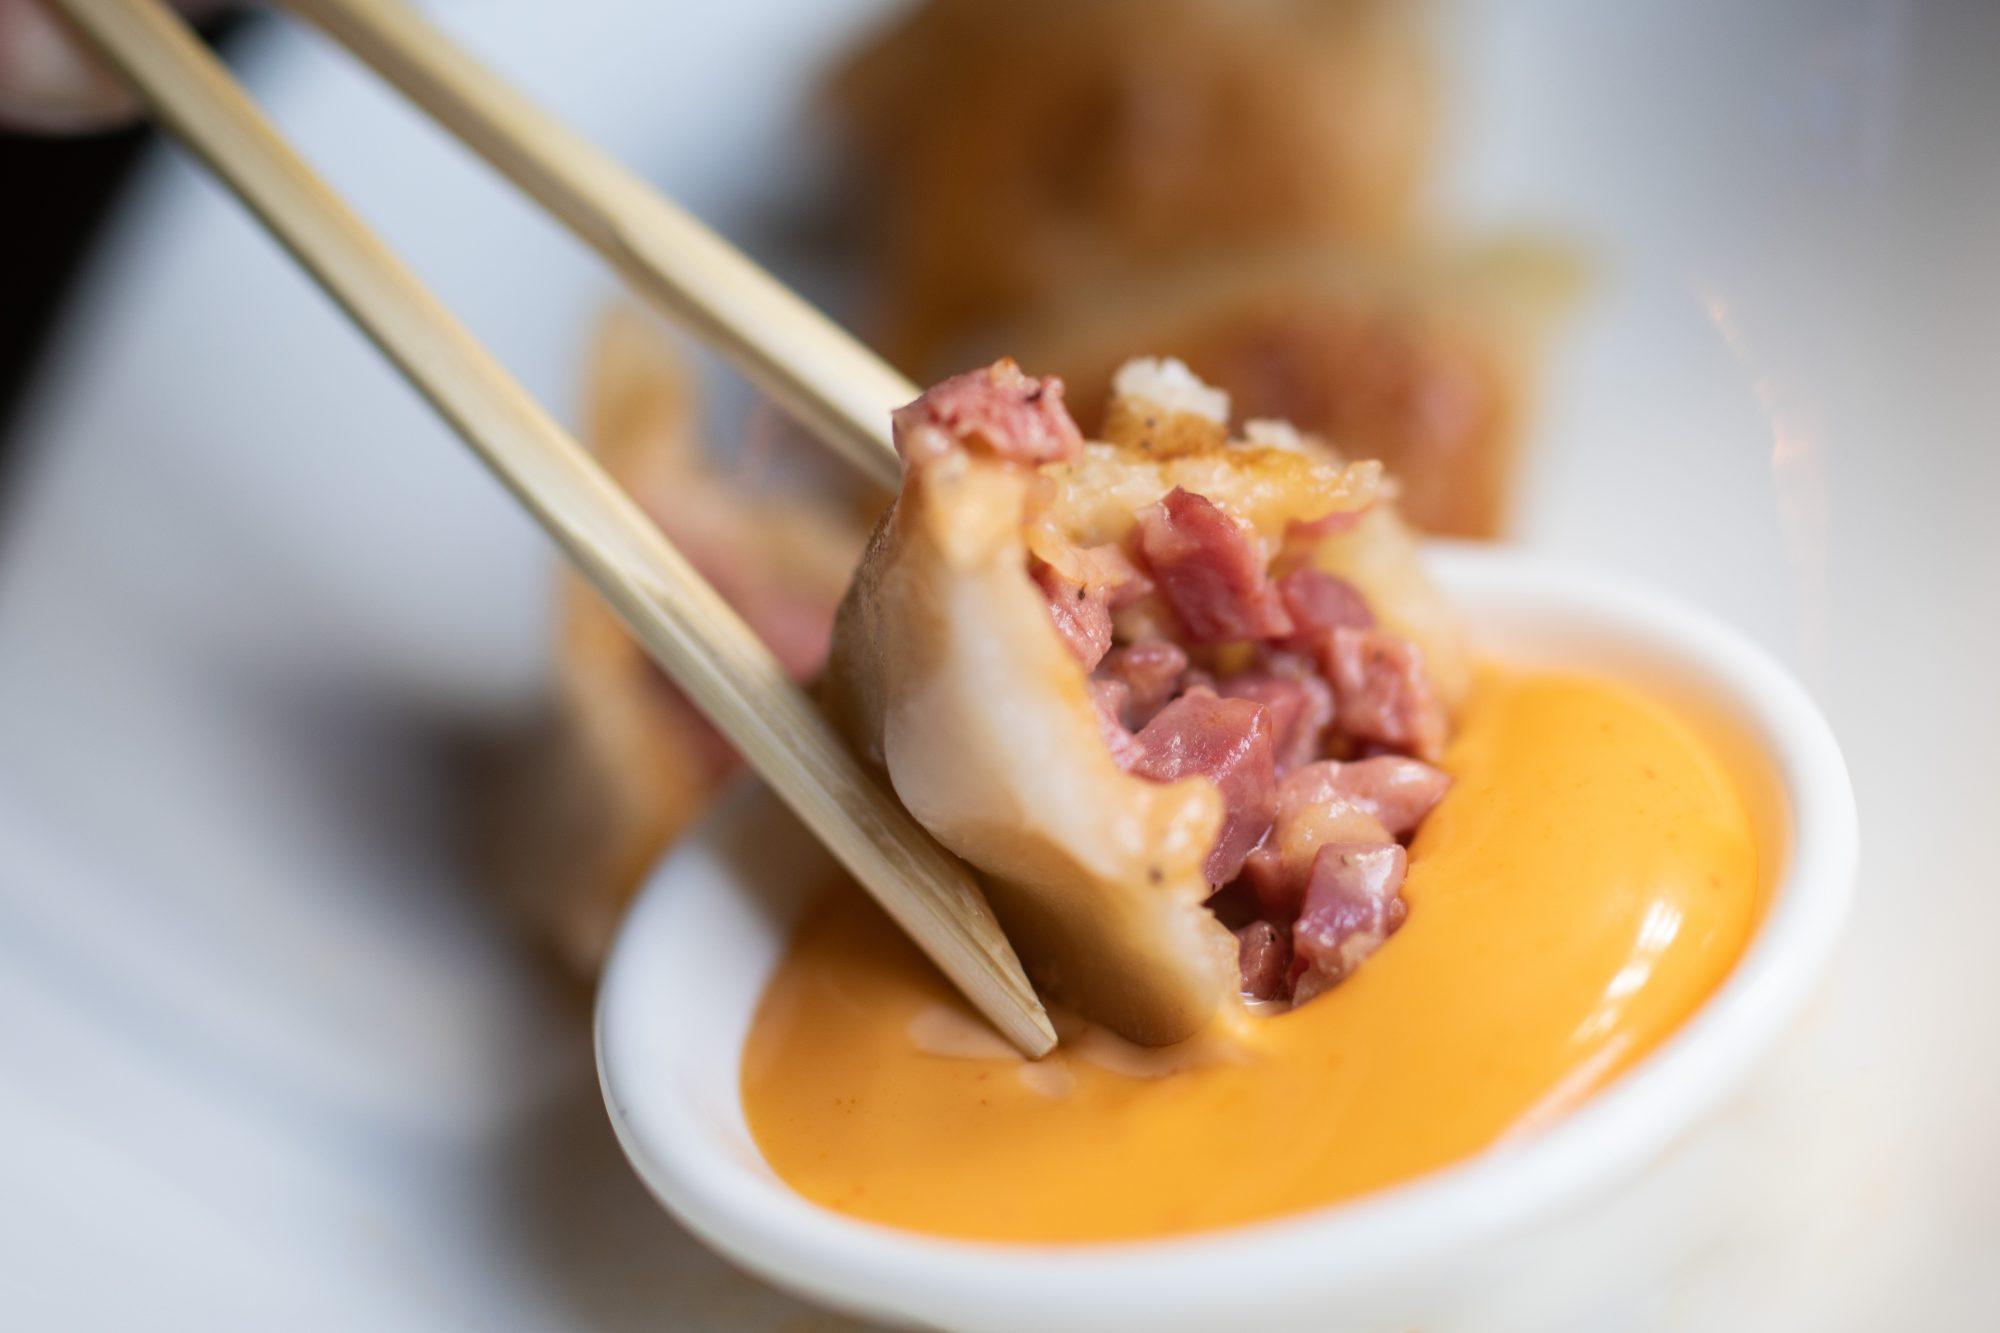 Pastrami Dumplings - Photo Courtesy of Daniel Kwak